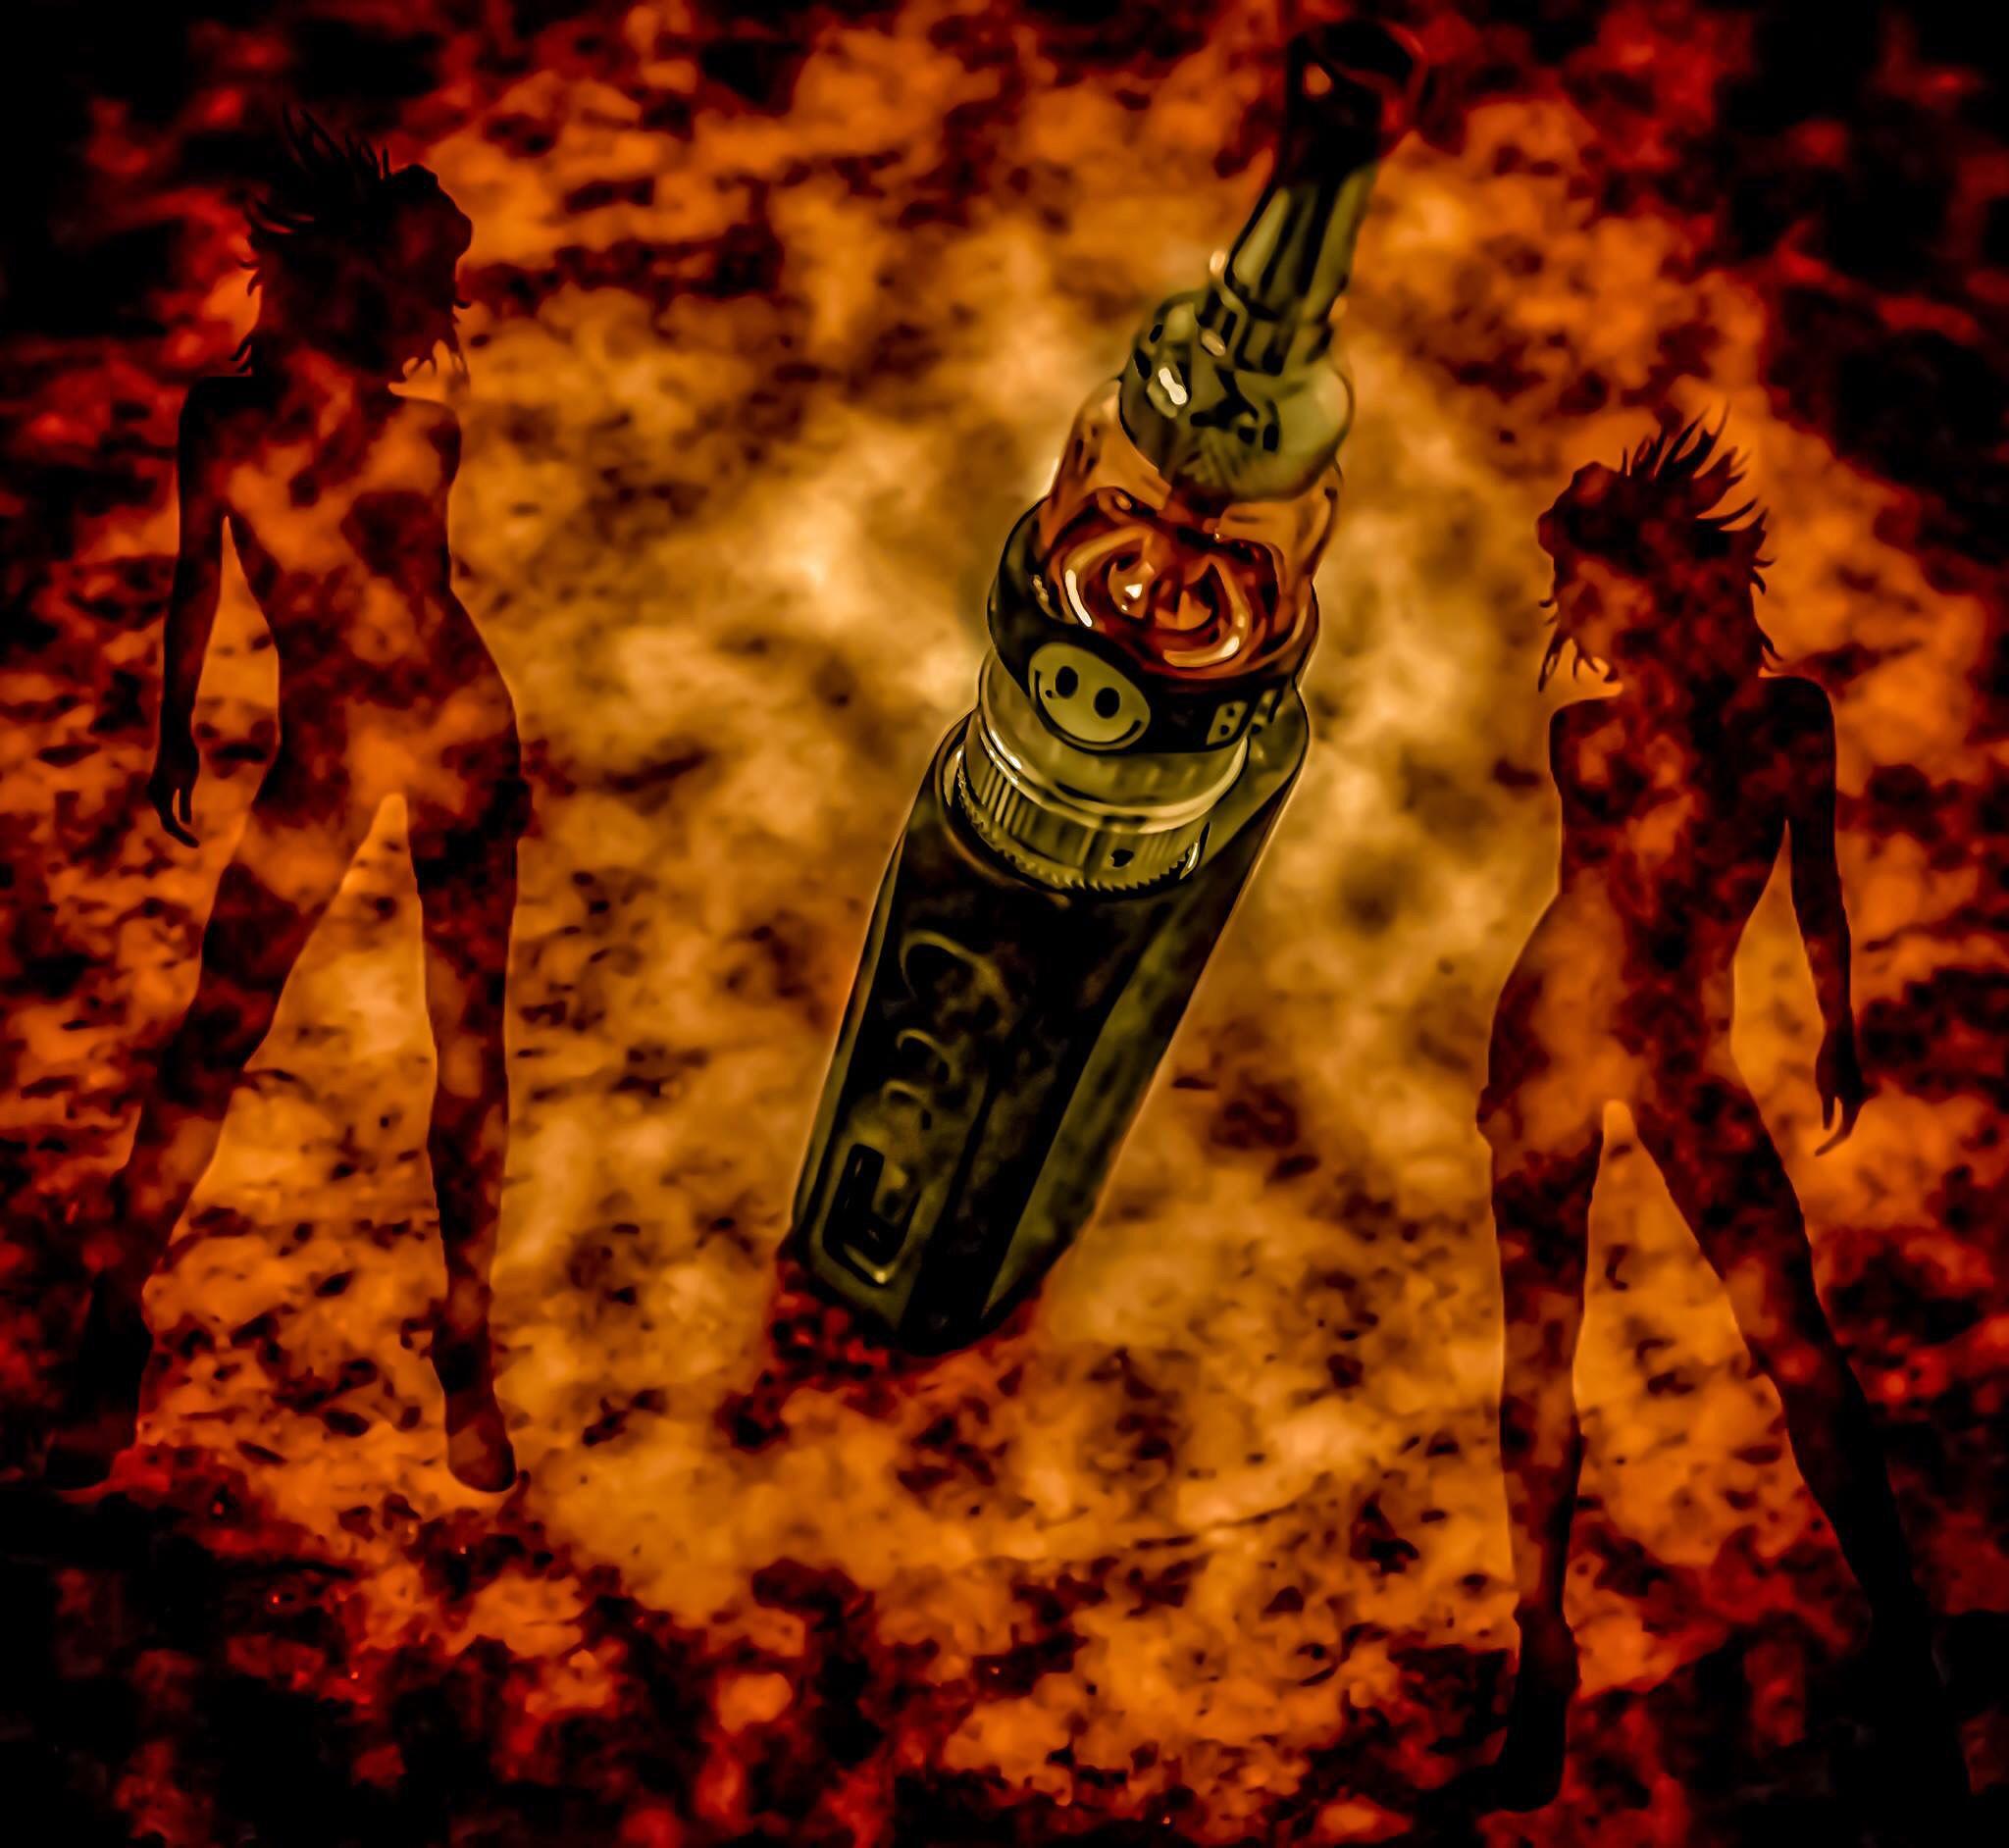 Smokin' hot by Lynn Fritz